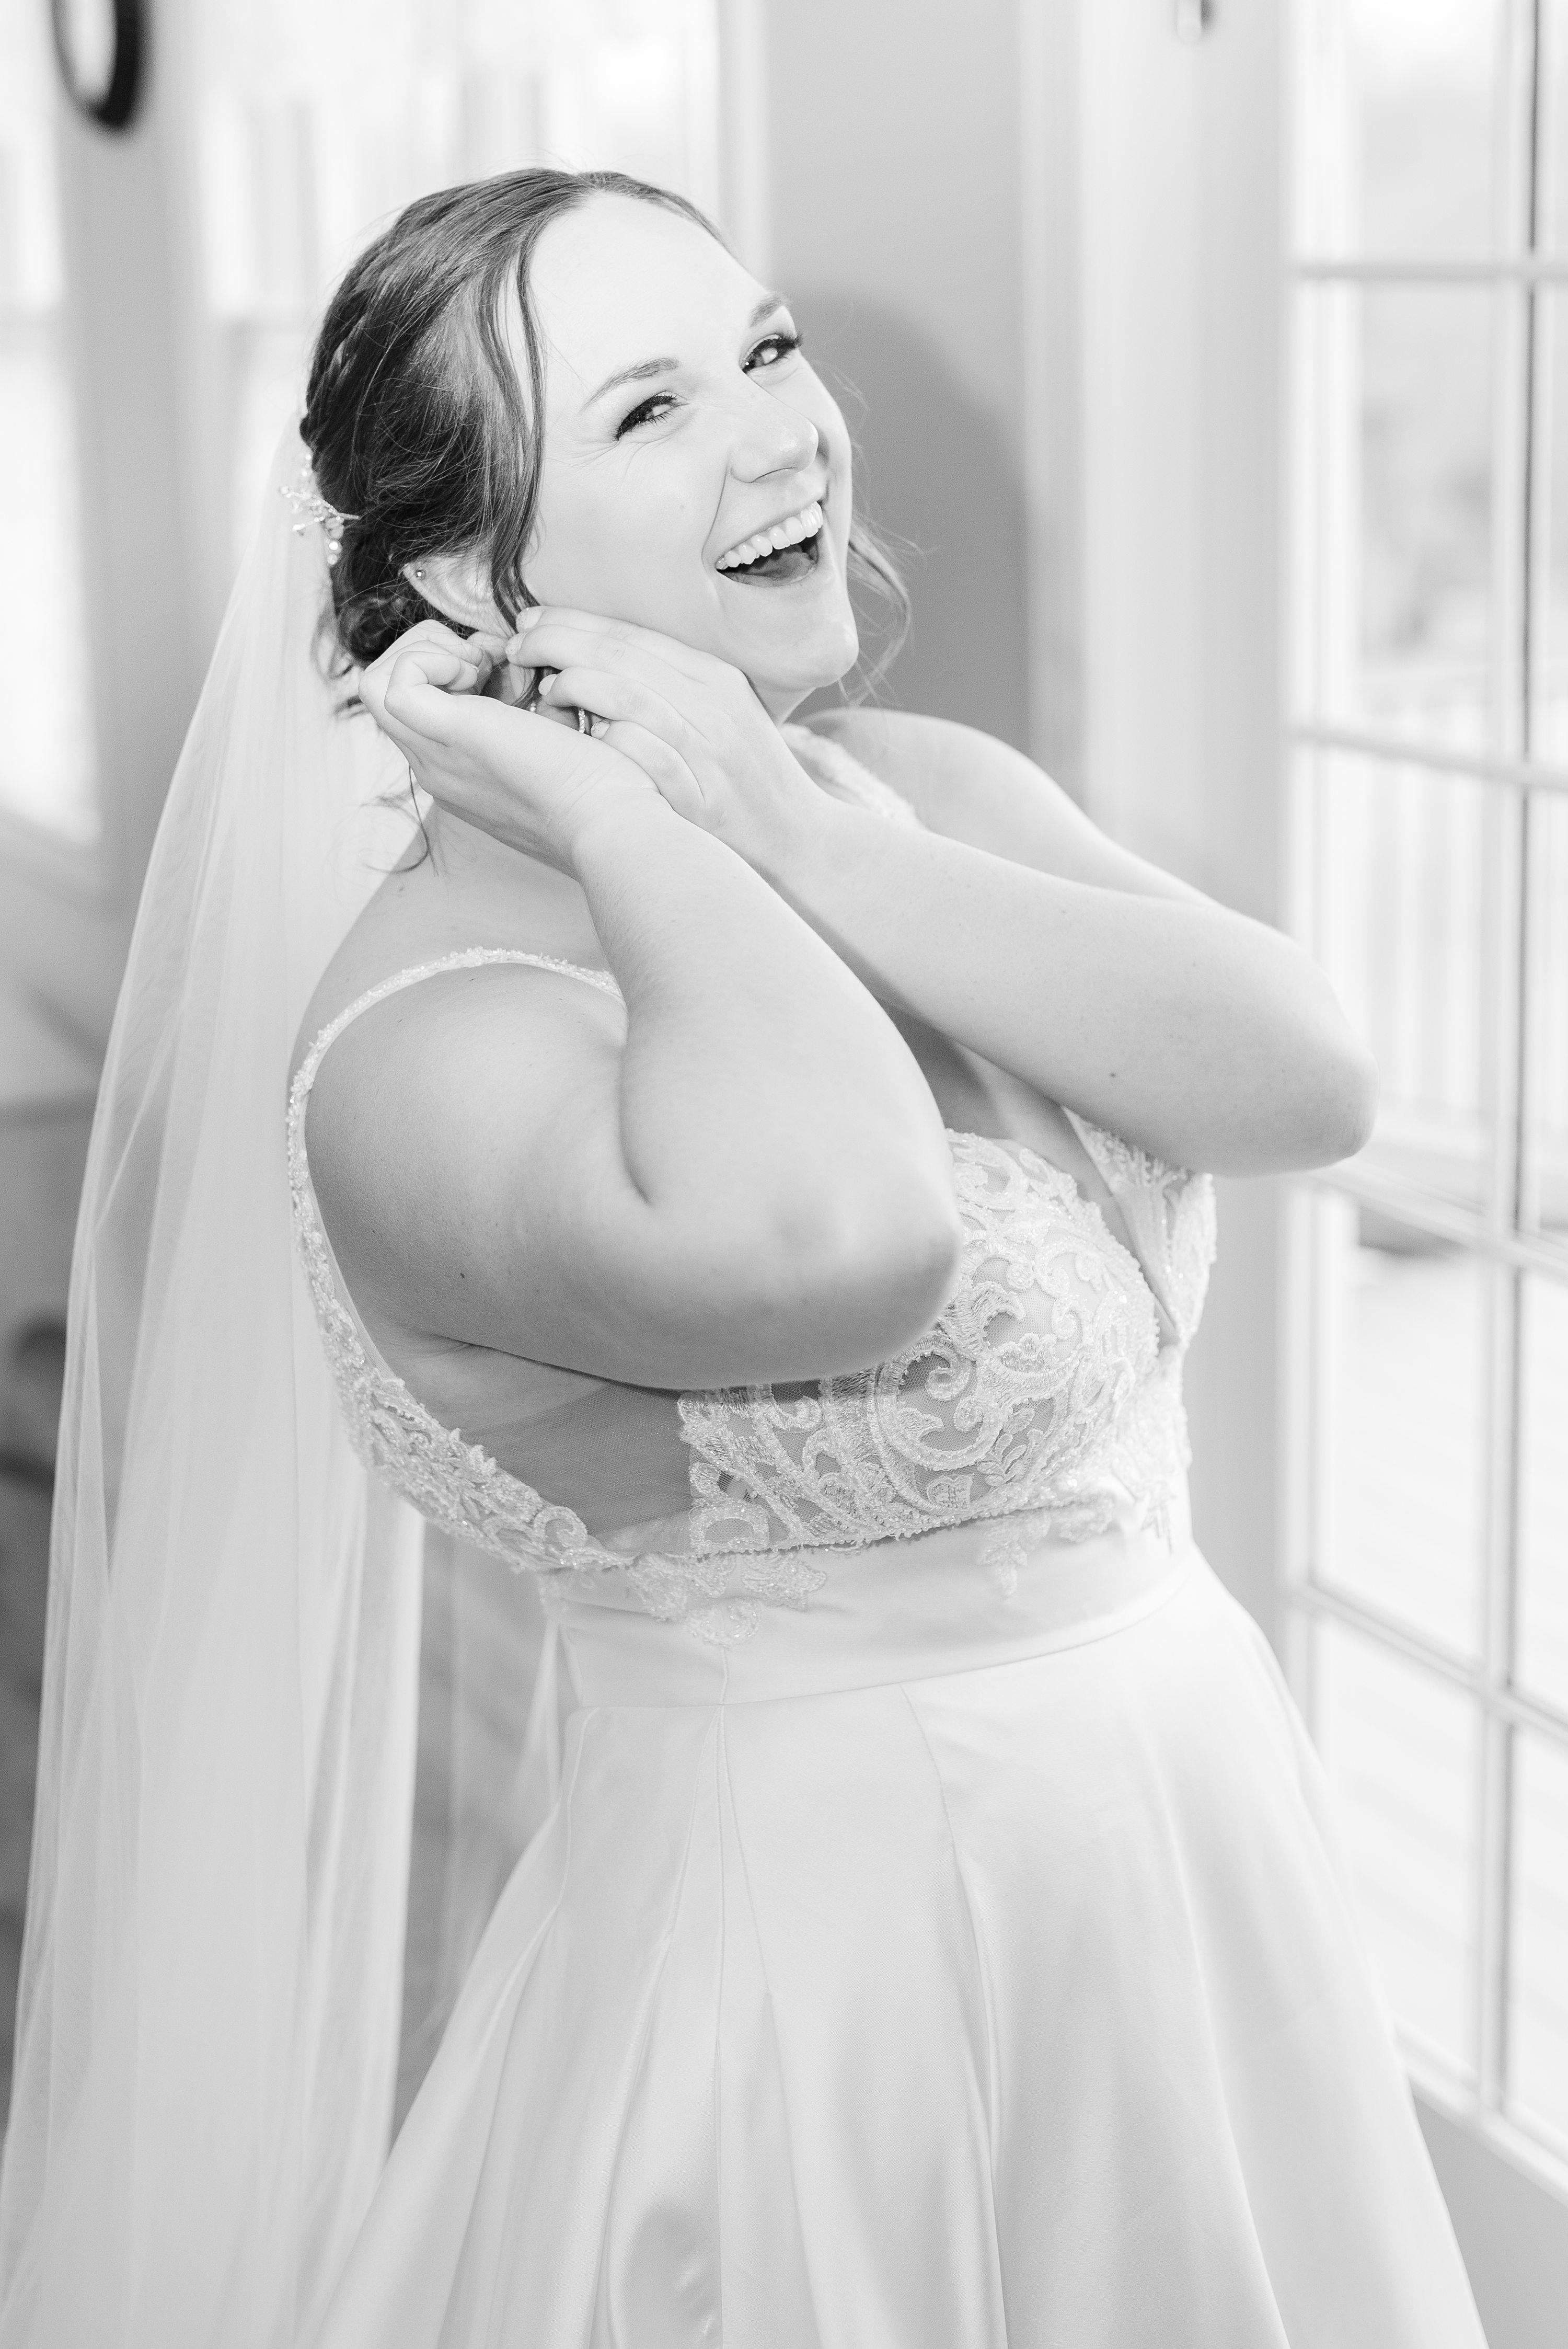 Barn at Edgewood,Barn,bride,Bride in dress,getting ready